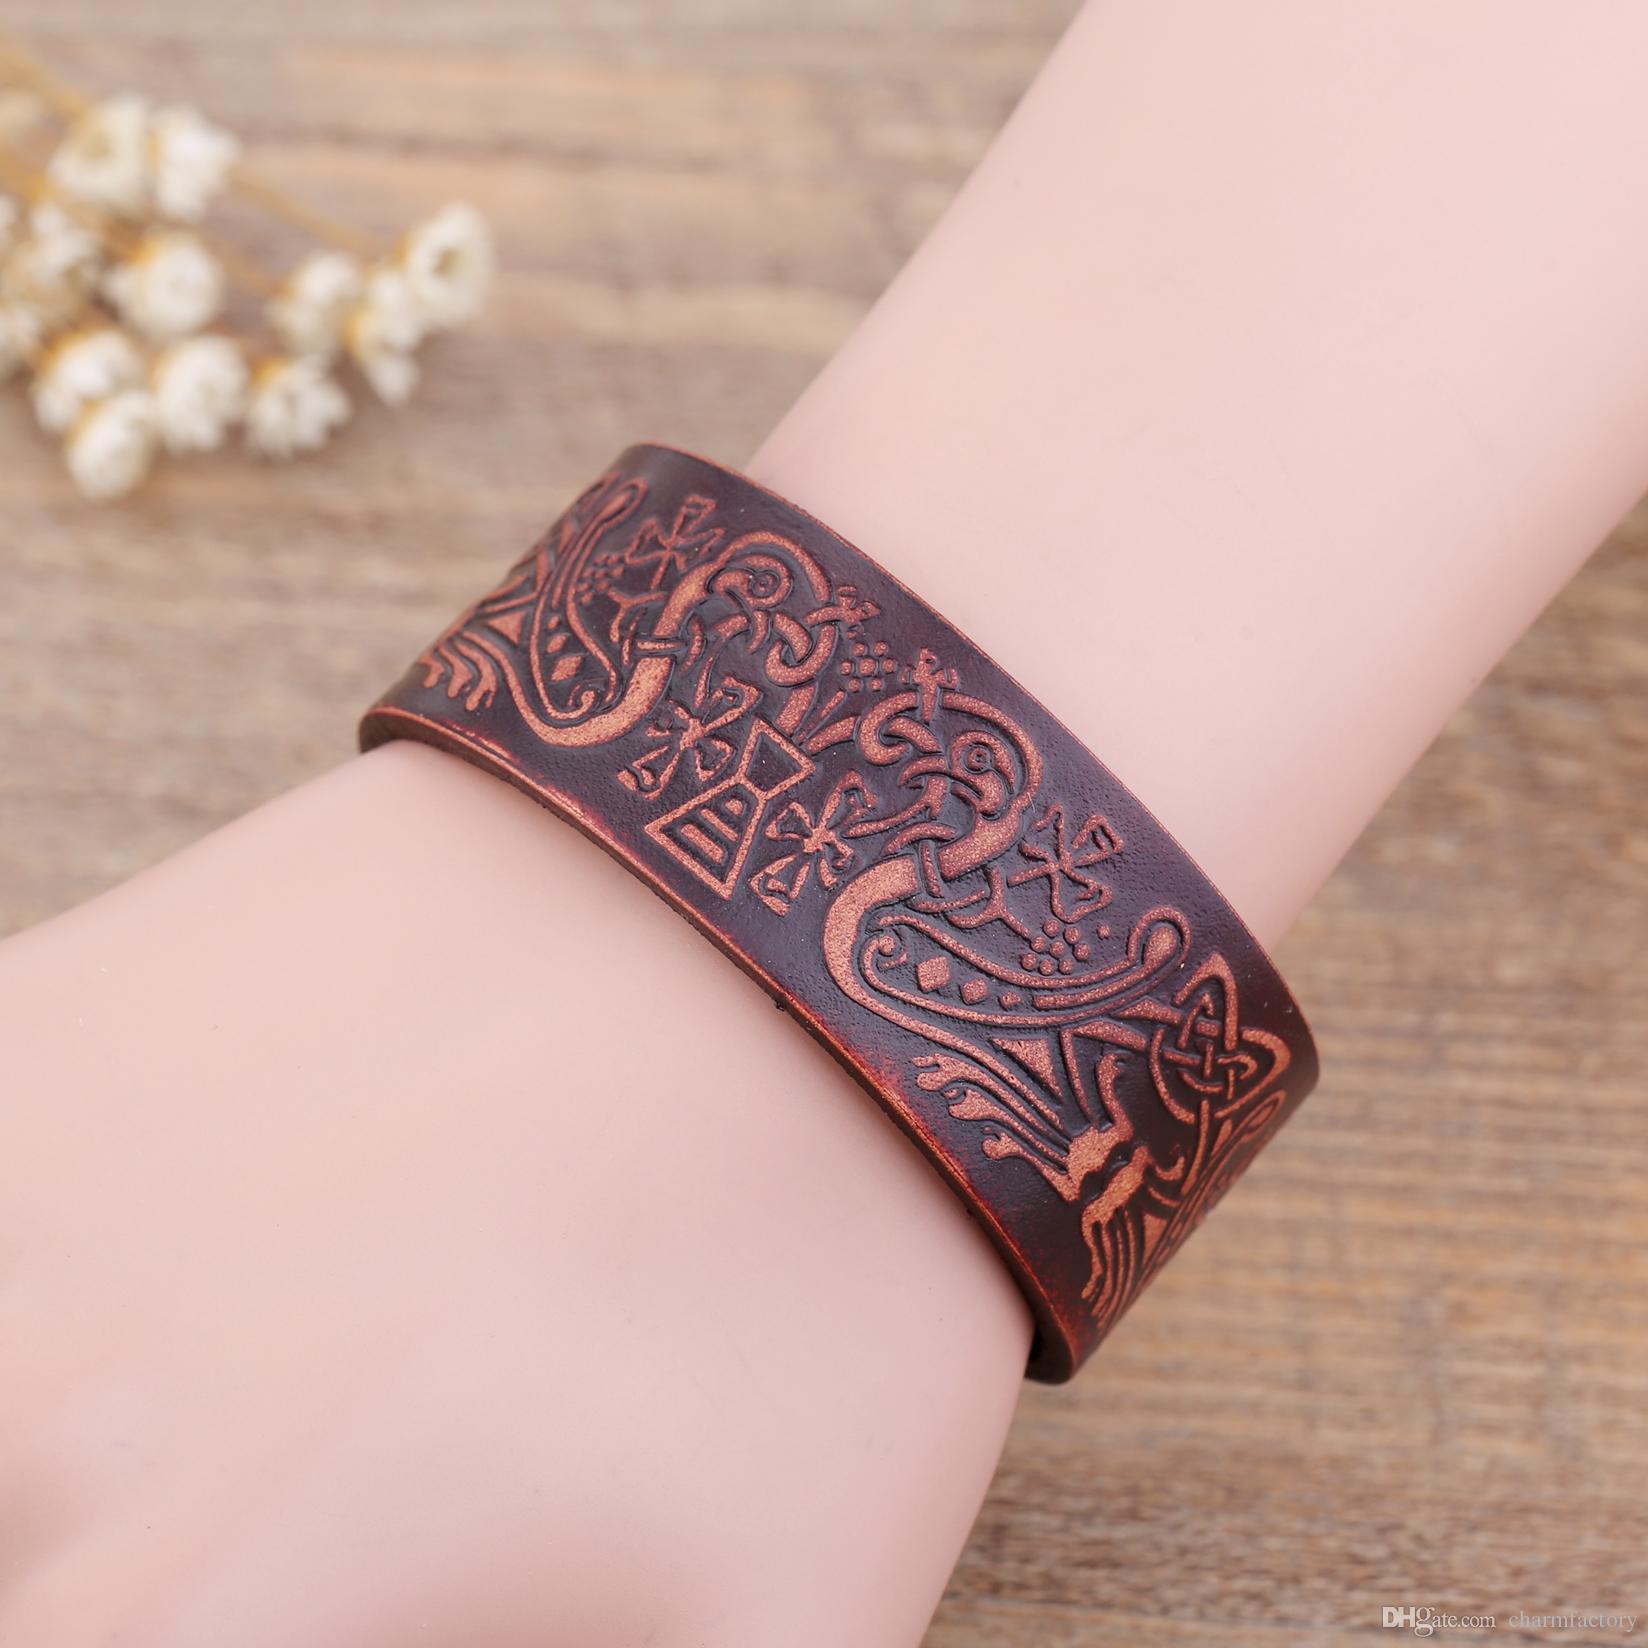 Vintage-Looking DIY Gilded Stamped Leather Bracelet images